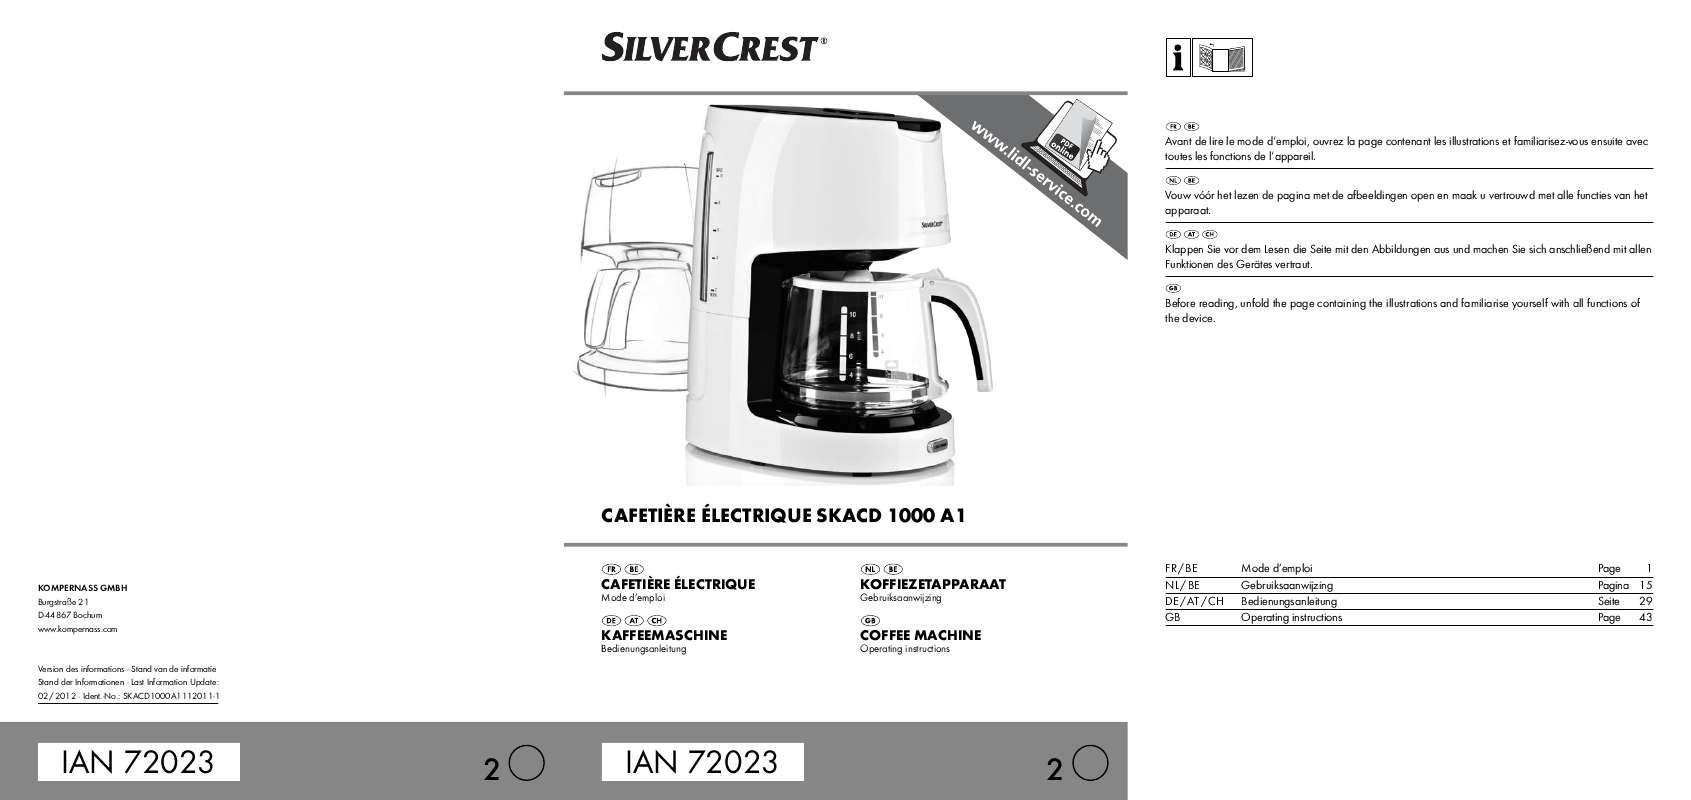 Guide utilisation  SILVERCREST SKACD 1000 A1  de la marque SILVERCREST